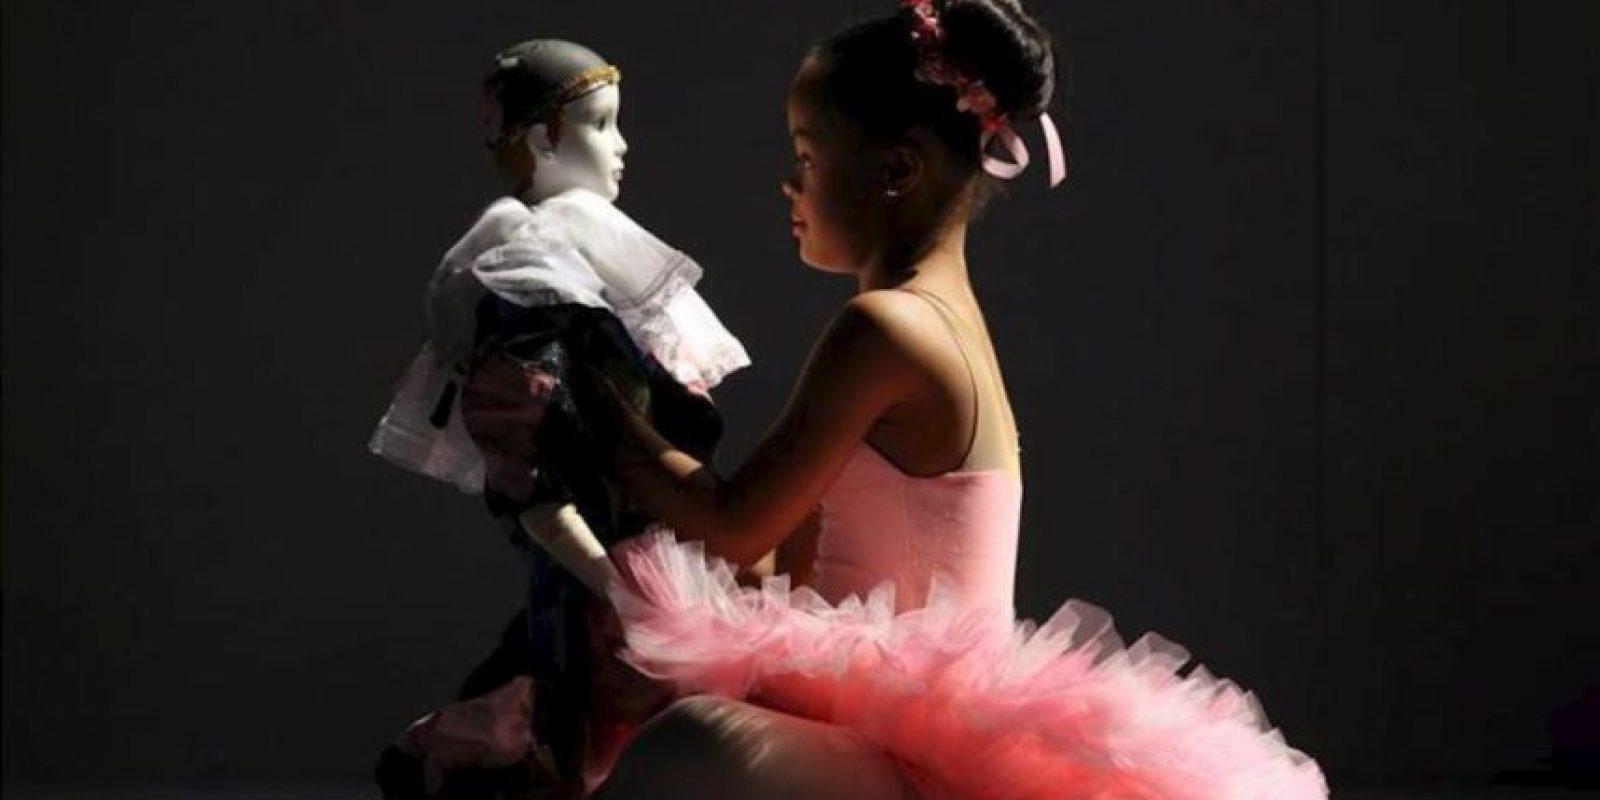 Una bailarina con síndrome de Down participa en el debut del Teatro Orquestal Dominicano (TODO), donde personas con diversas discapacidades presentaron un espectáculo de música, canto, danza y teatro el pasado 27 de mayo, en Santo Domingo (República Dominicana). EFE